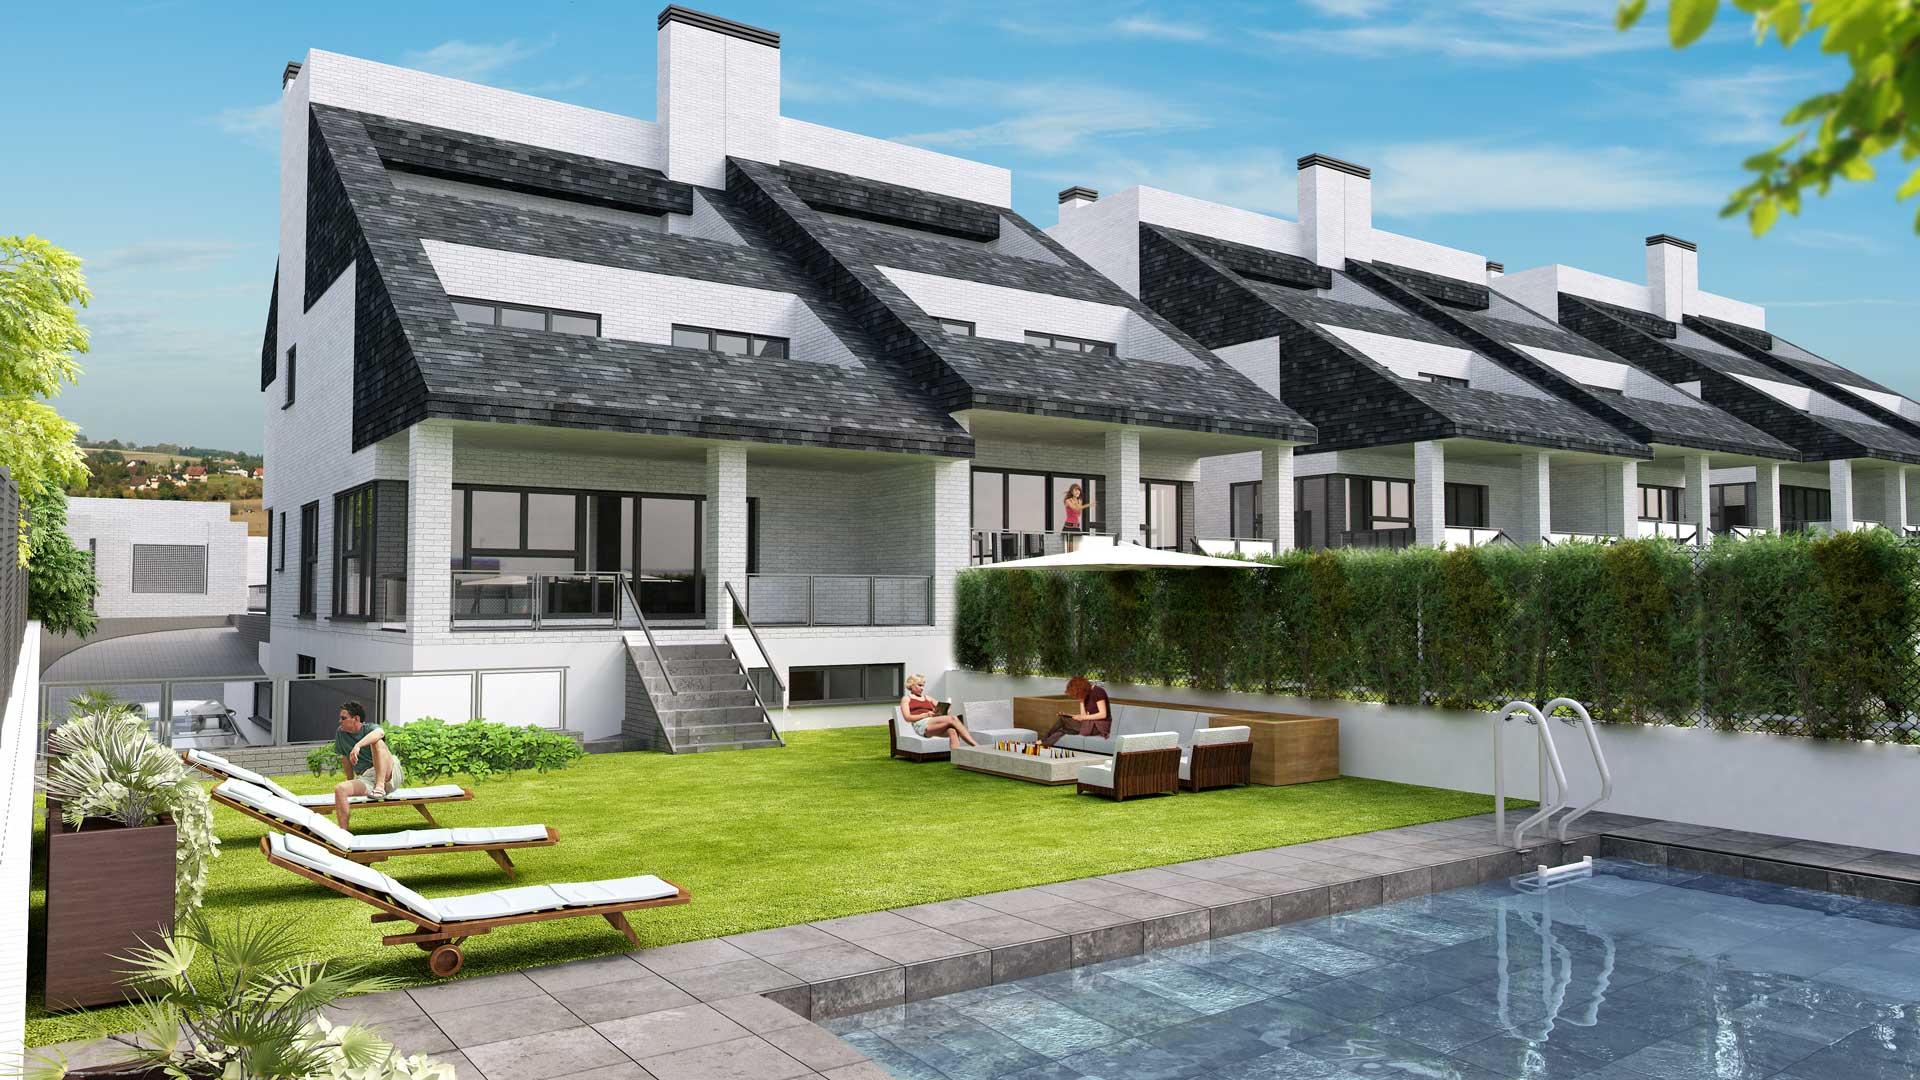 Venta y alquiler de viviendas en rivas vaciamadrid - Muebles en las rozas europolis ...